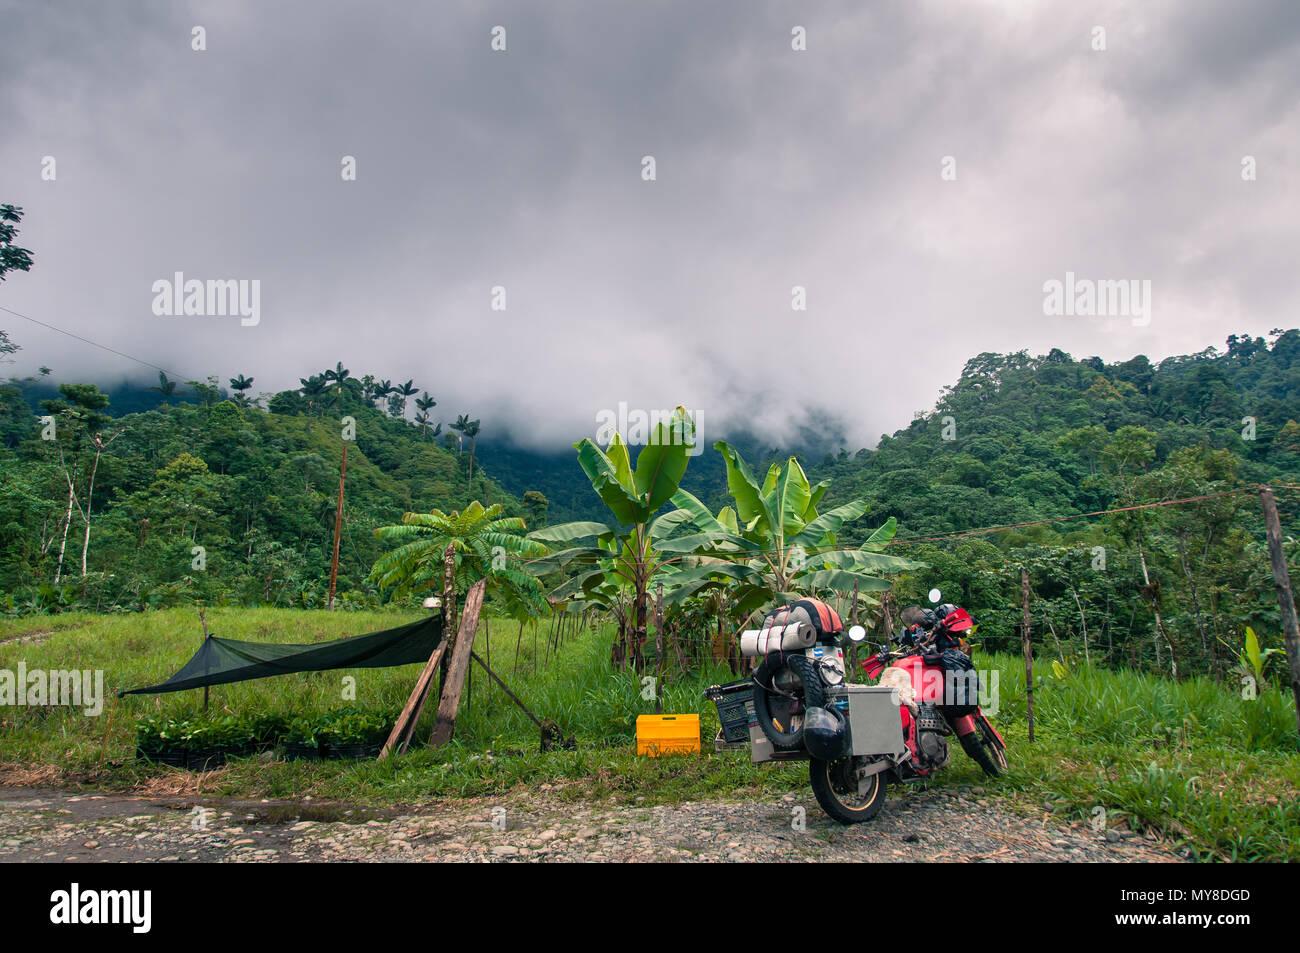 Motocicleta y hamaca en entorno rural, Quito, Pichincha, Ecuador Imagen De Stock